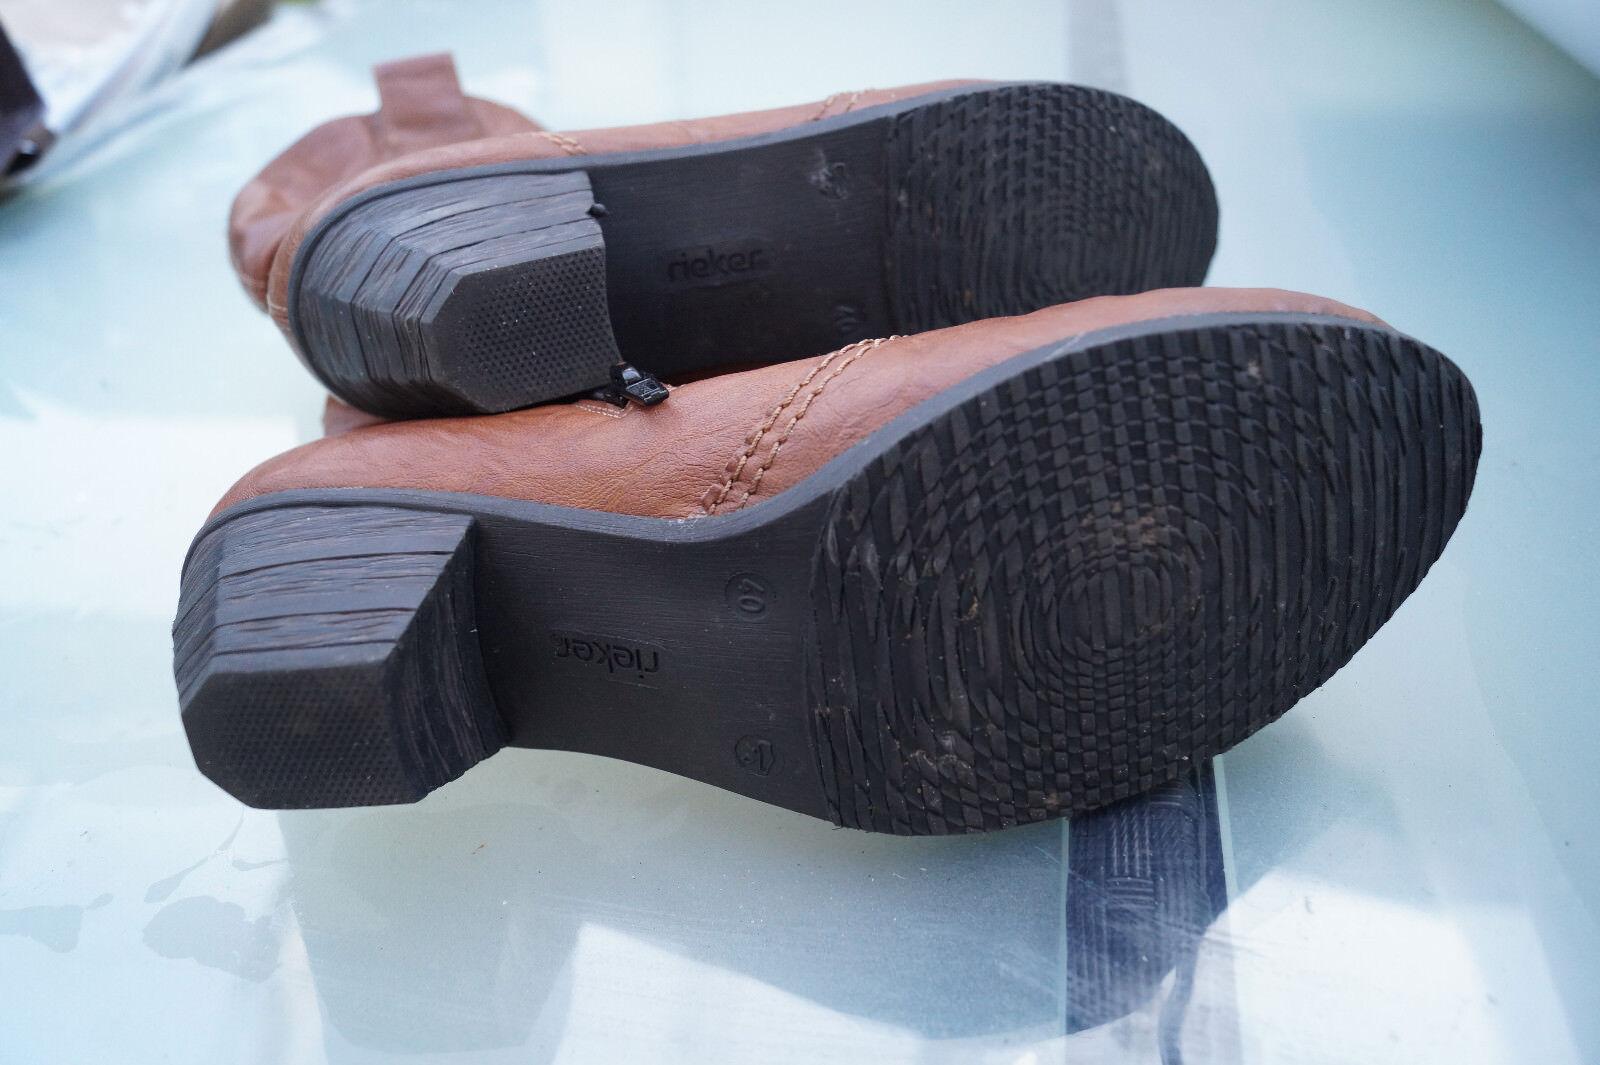 RIEKER Damen gefüttert Winter Schuhe Stiefel Stiefelette Stiefel Gr.40 braun gefüttert Damen #52 33551c